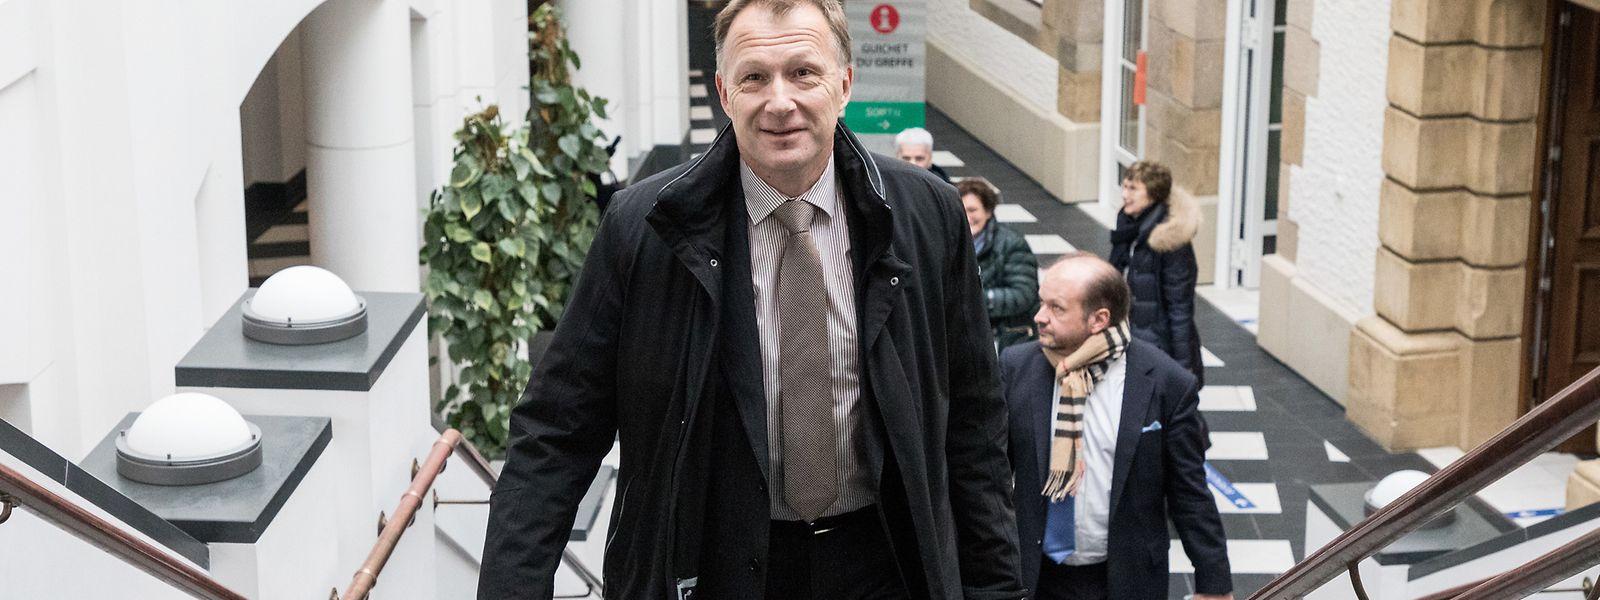 Marco Mille war zum Zeitpunkt der Abhörmaßnahmen Leiter des Geheimdienstes.